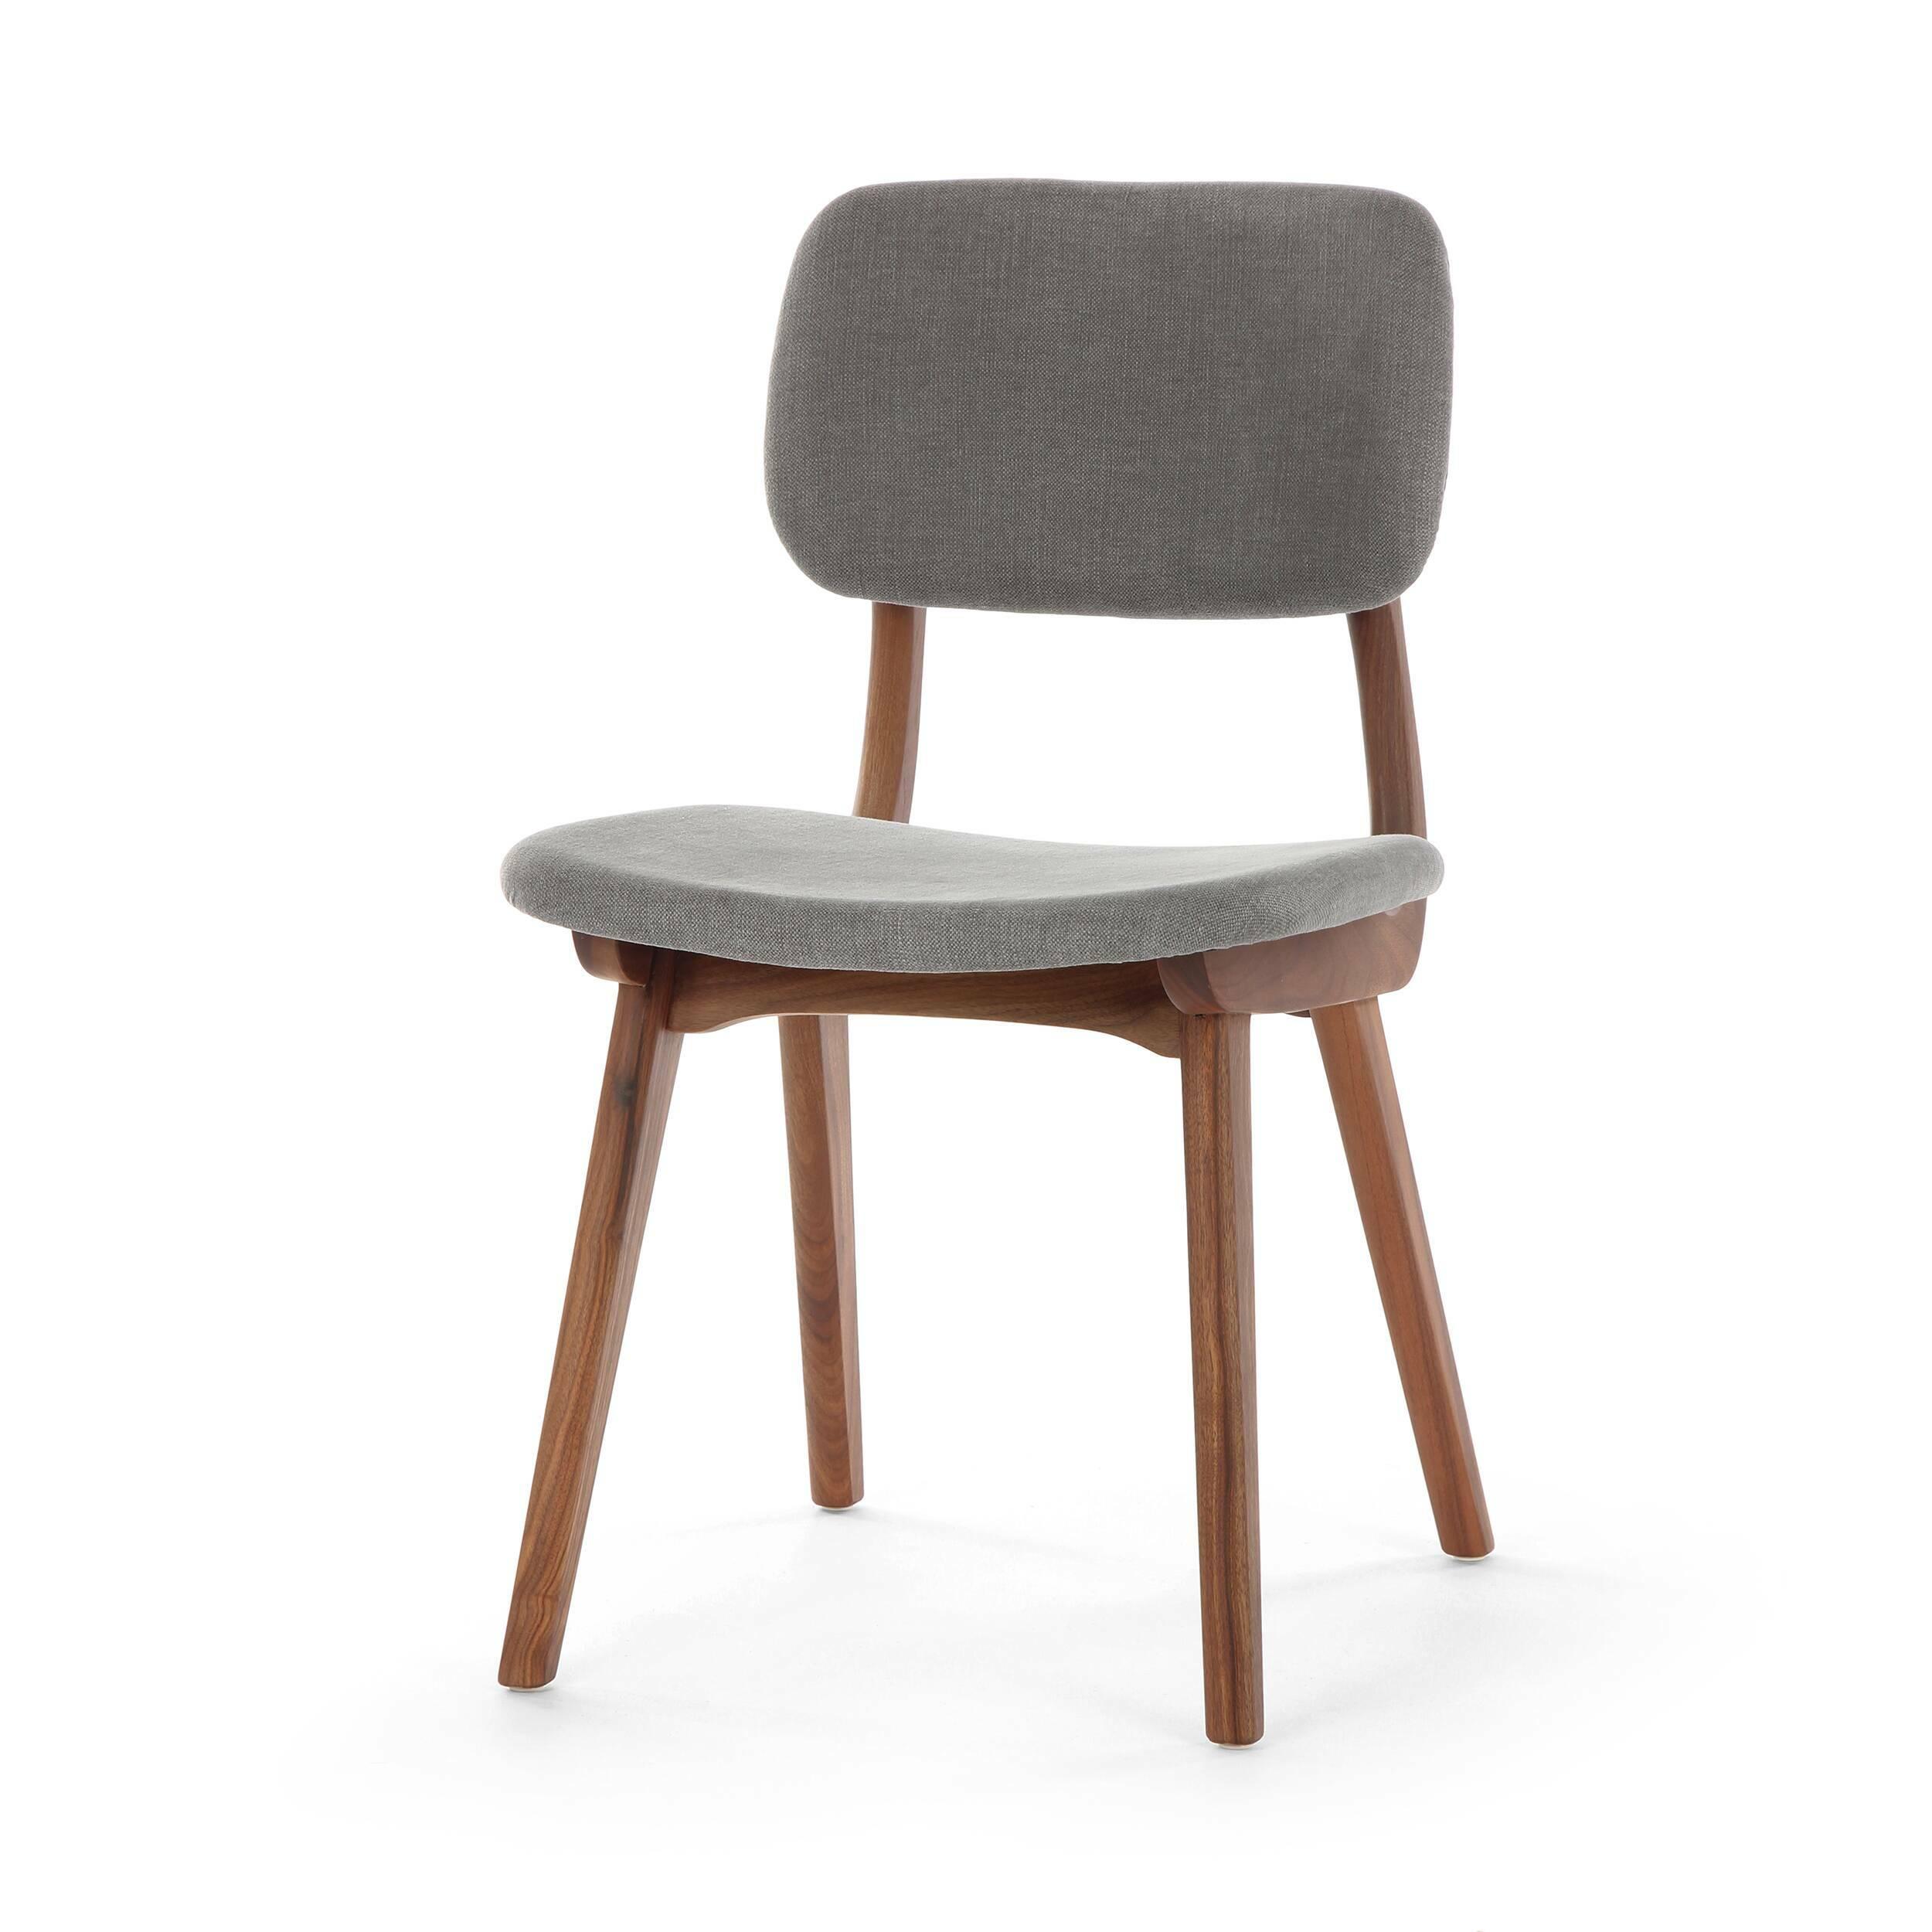 Стул Civil 1Интерьерные<br>Стул Civil 1 — это простой дизайн и комфорт, стиль и изящество элитного дерева. Этот стул будет прекрасно смотреться не только в офисе или кабинете, но и отлично впишется в интерьер вашей квартиры. Благодаря различным расцветкам, имеющимся в наличии, вы сможете подобрать стул, который подойдет именно вам.<br><br><br> В качестве основного материала для изготовления этих стульев используется высококачественная, невероятно прочная древесина американского ореха и белого дуба. Сиденье и спинка стуль...<br><br>stock: 24<br>Высота: 78<br>Высота сиденья: 44<br>Ширина: 45<br>Глубина: 52,5<br>Материал каркаса: Массив ореха<br>Тип материала каркаса: Дерево<br>Материал сидения: Хлопок, Лен<br>Цвет сидения: Серый<br>Тип материала сидения: Ткань<br>Коллекция ткани: Ray Fabric<br>Цвет каркаса: Орех